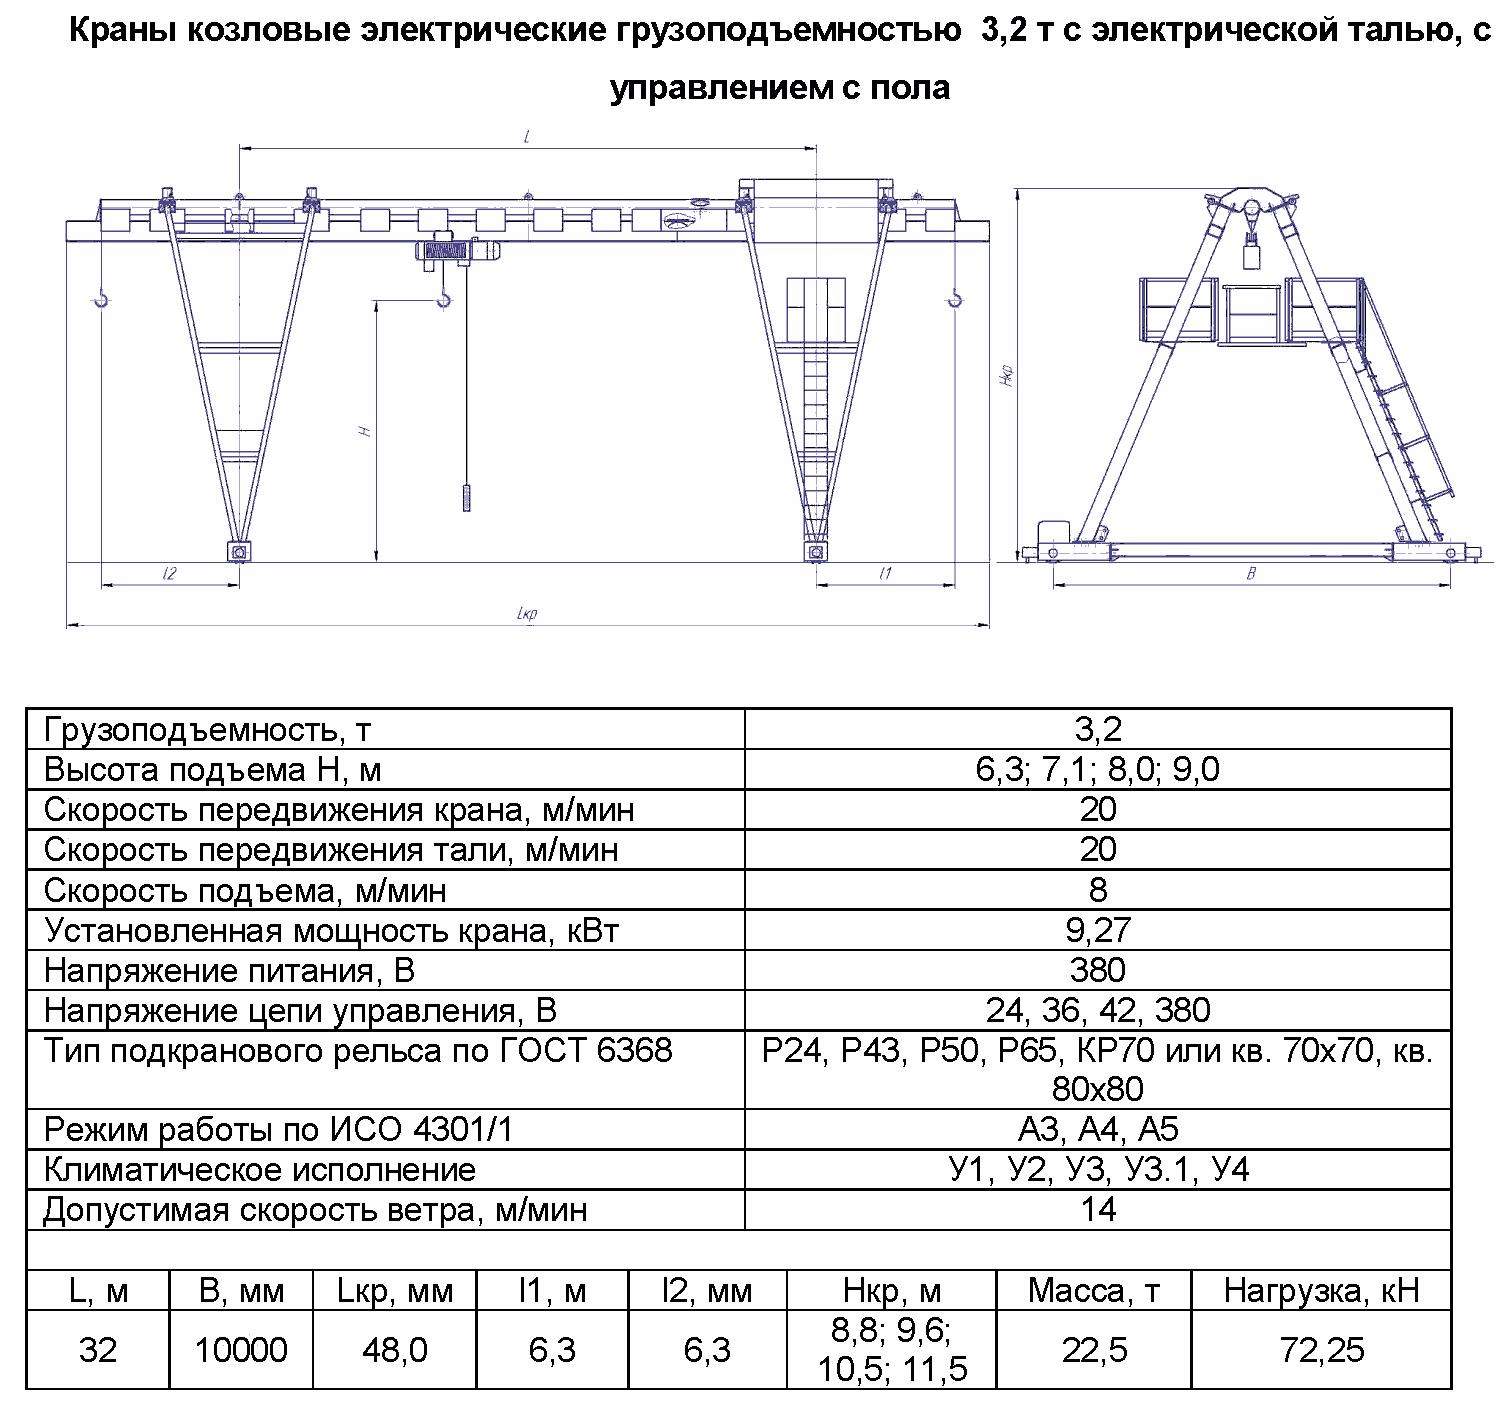 KKO 3 320 - Кран козловой электрический однобалочный